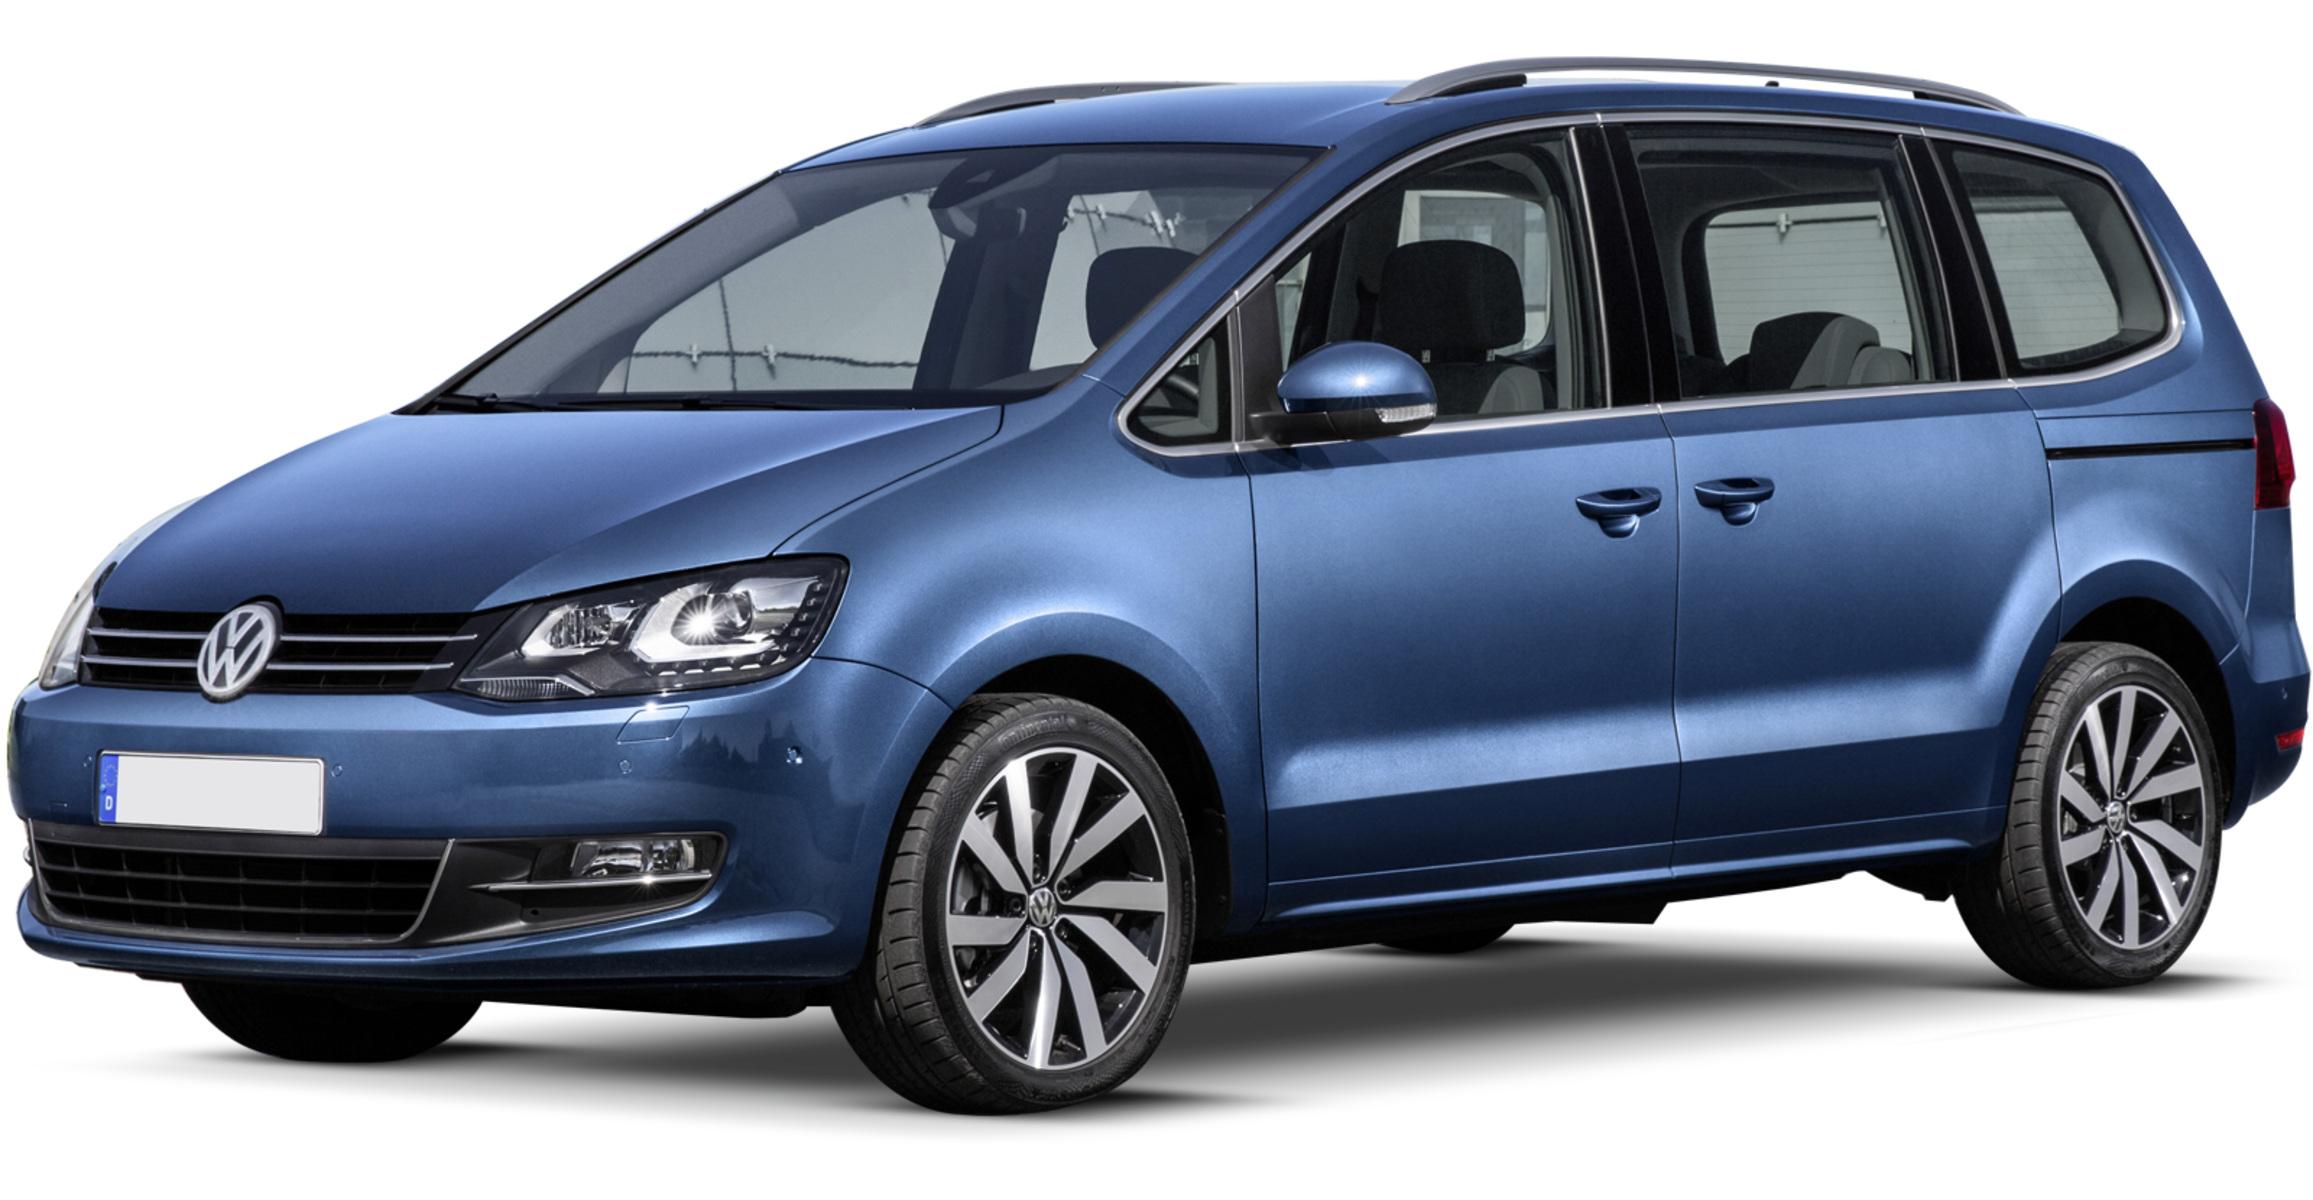 Listino Volkswagen Sharan Prezzo Scheda Tecnica